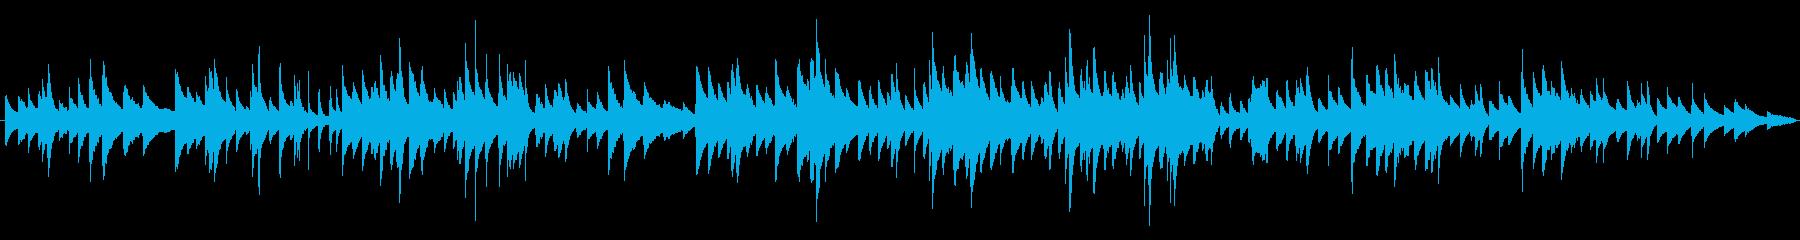 シューマン作品12 なぜ?(リピート無)の再生済みの波形